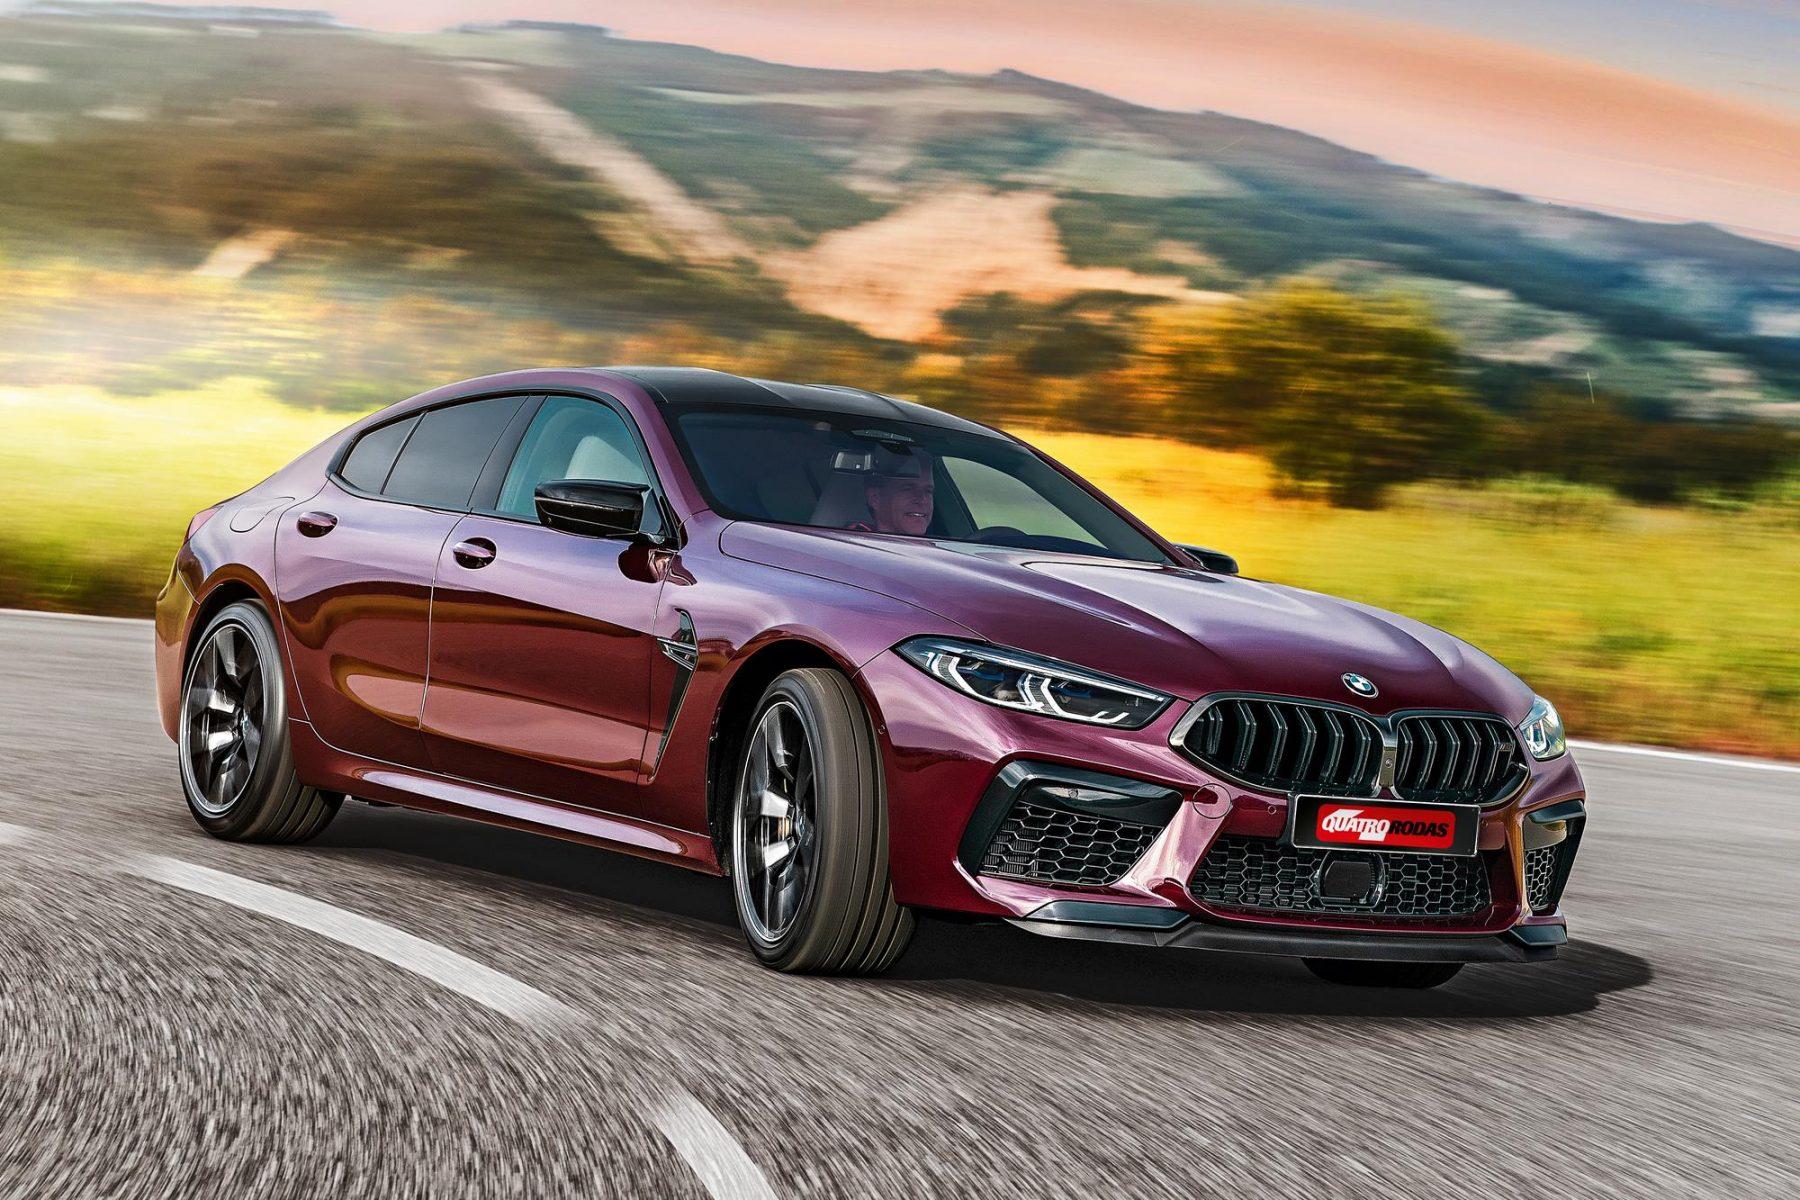 Impressões: BMW M8 Gran Coupé é a forma mais confortável de andar rápido